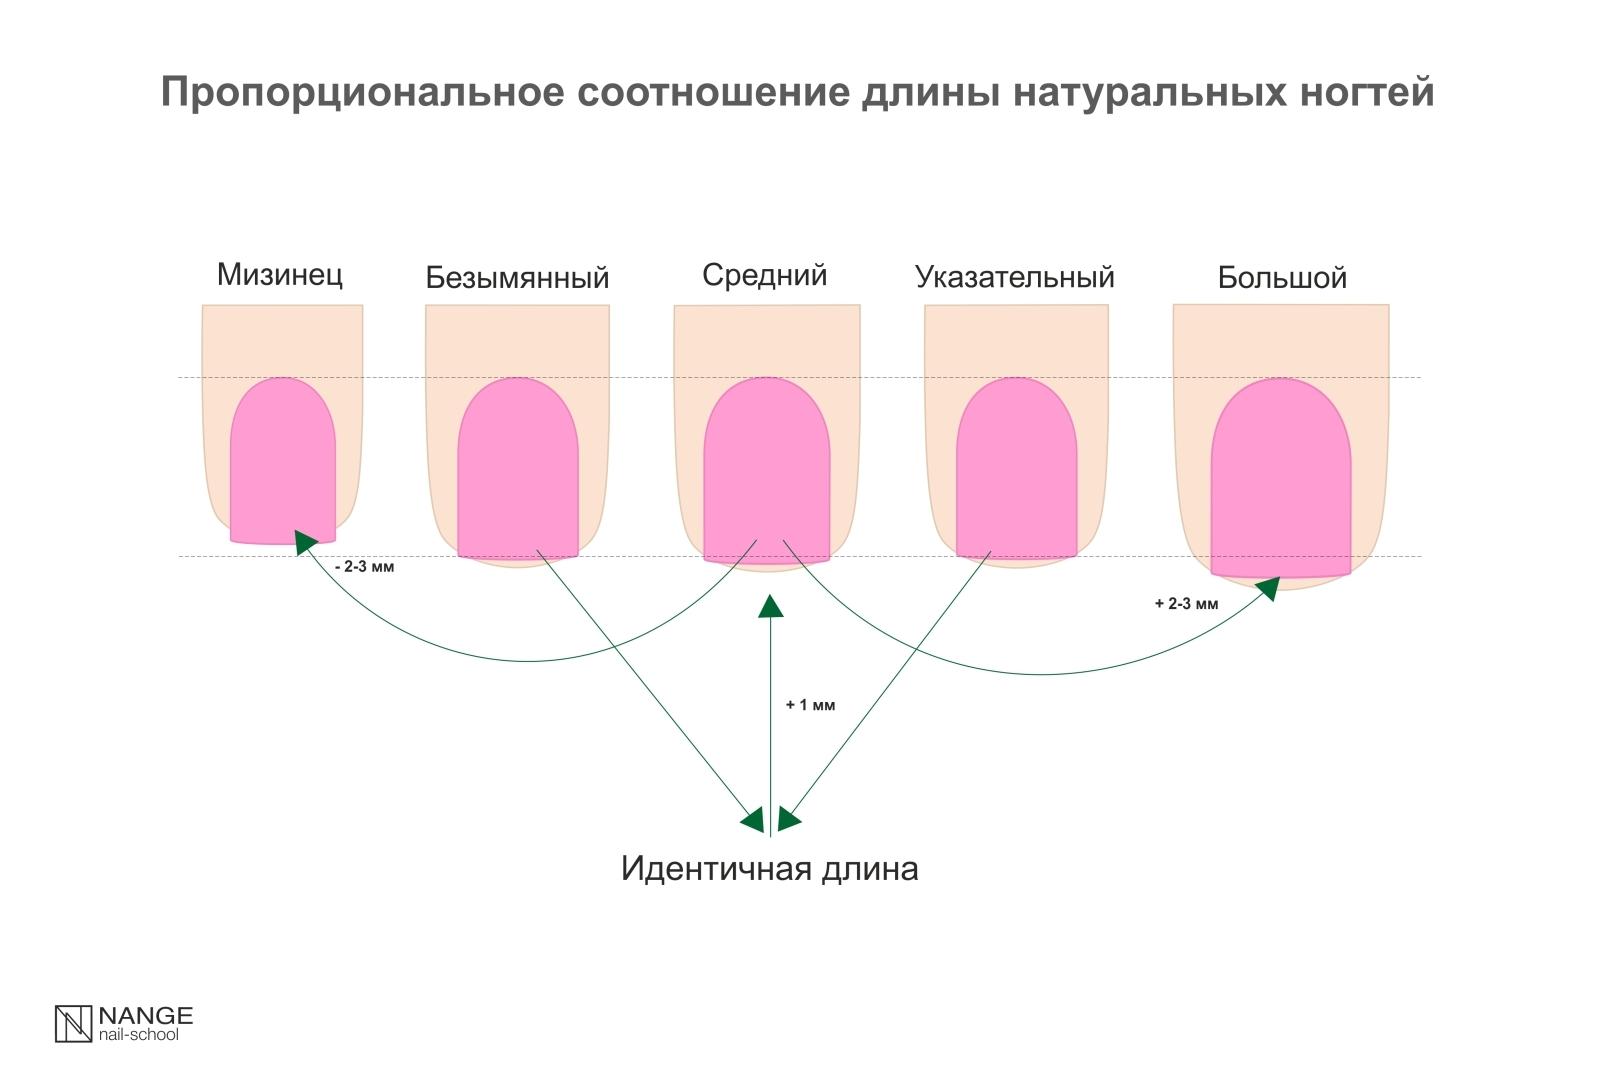 Пропорциональное соотношение длины натуральных ногтей